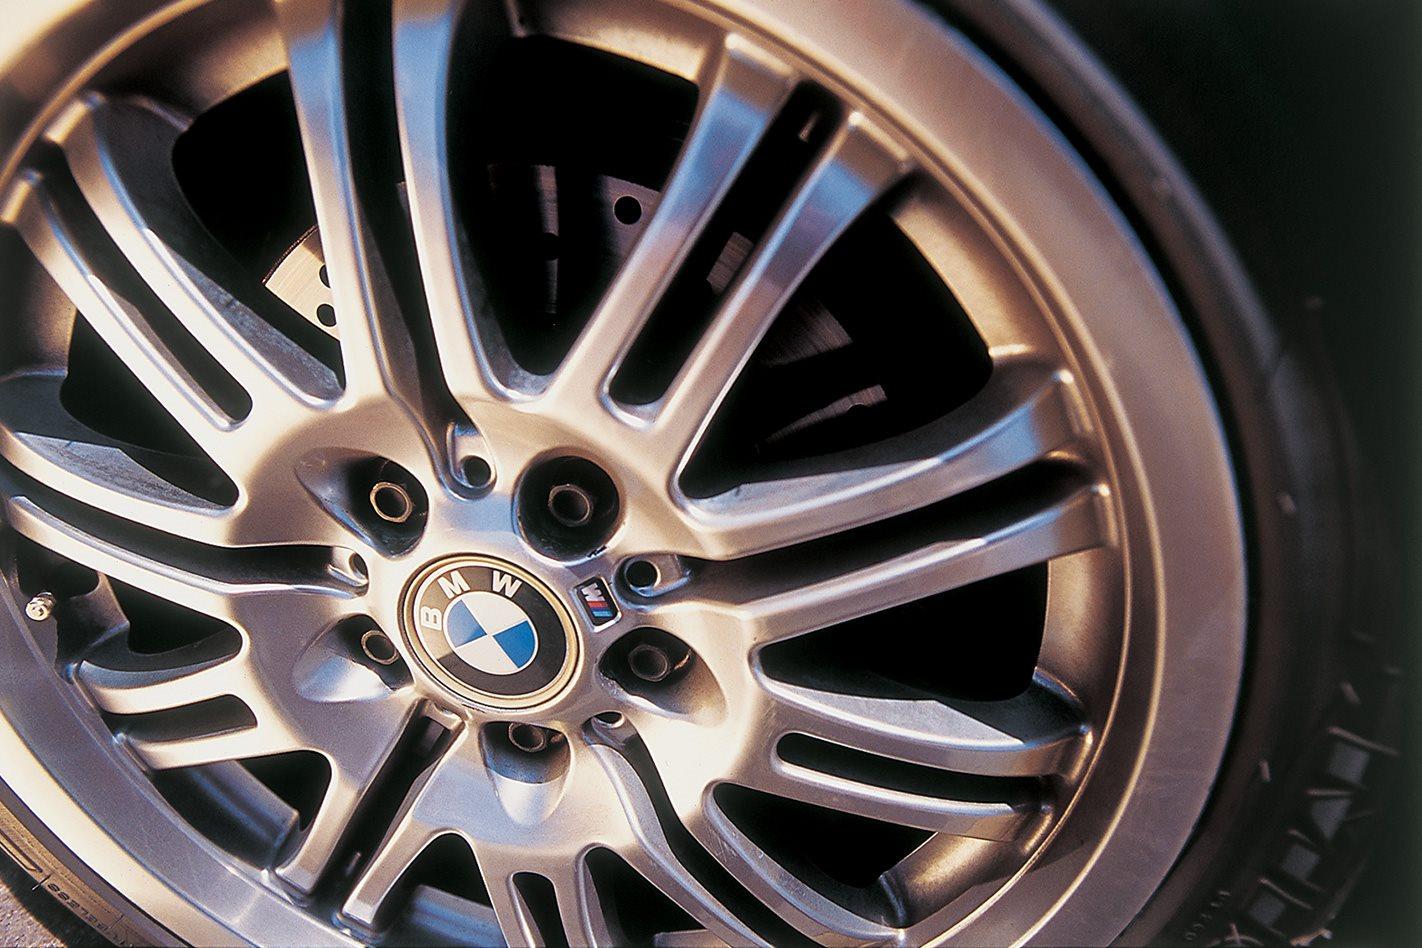 2003 BMW M3 wheel